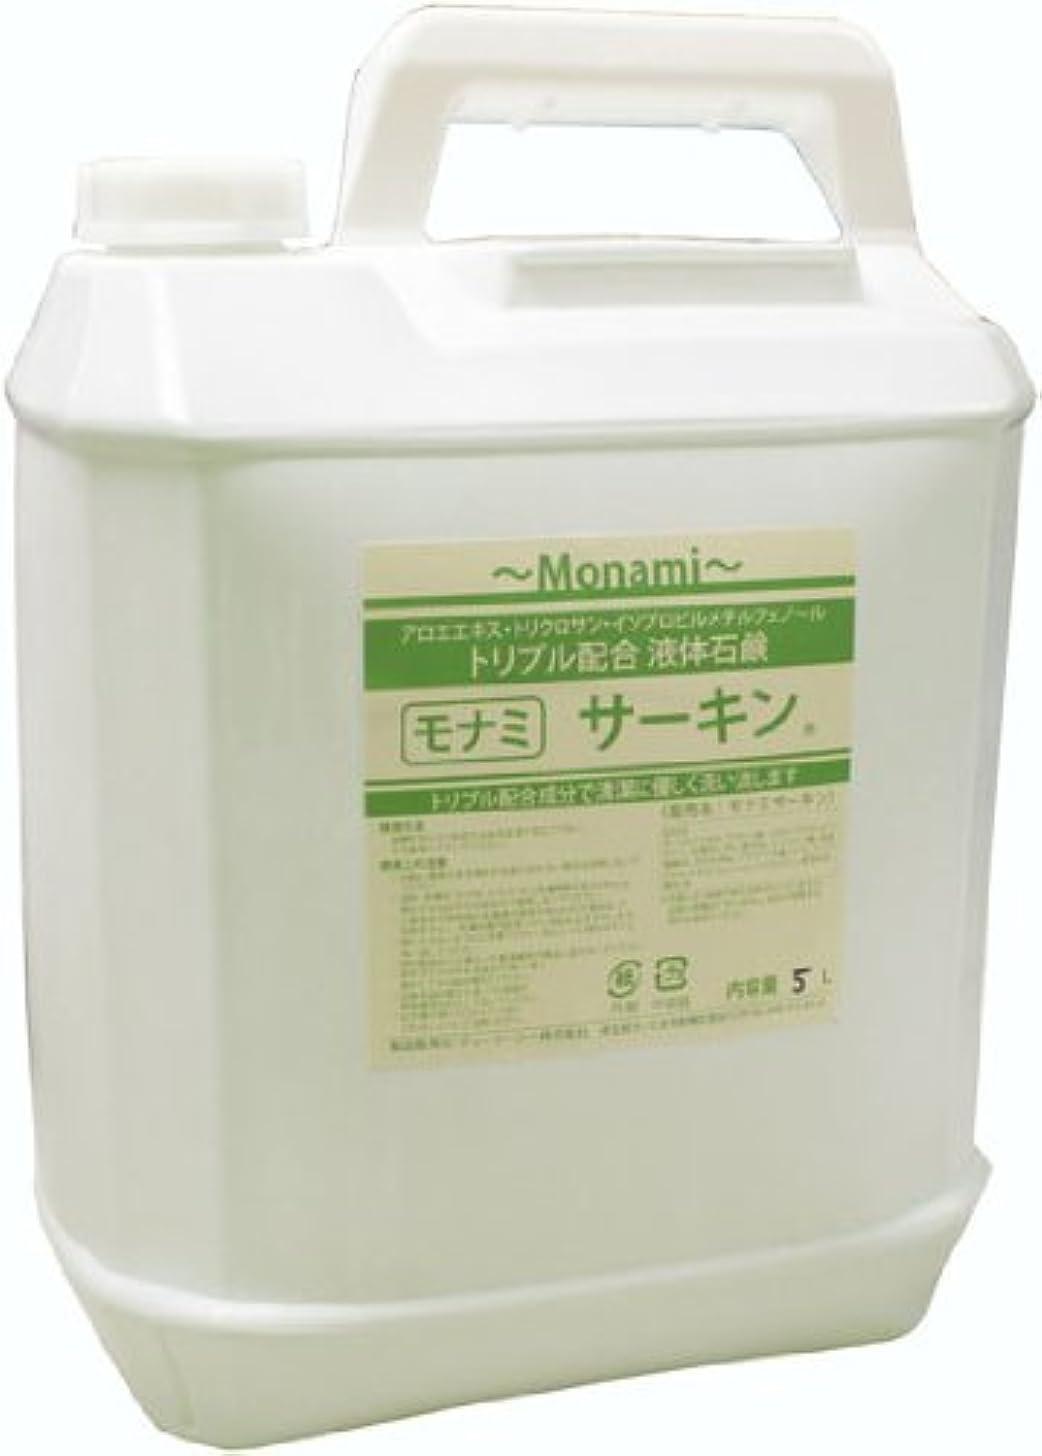 広がりスペードレンディション保湿剤配合業務用液体ソープ「モナミ サーキン5L」アロエエキス、トリクロサン、イソプロピルメチルフェノール配合